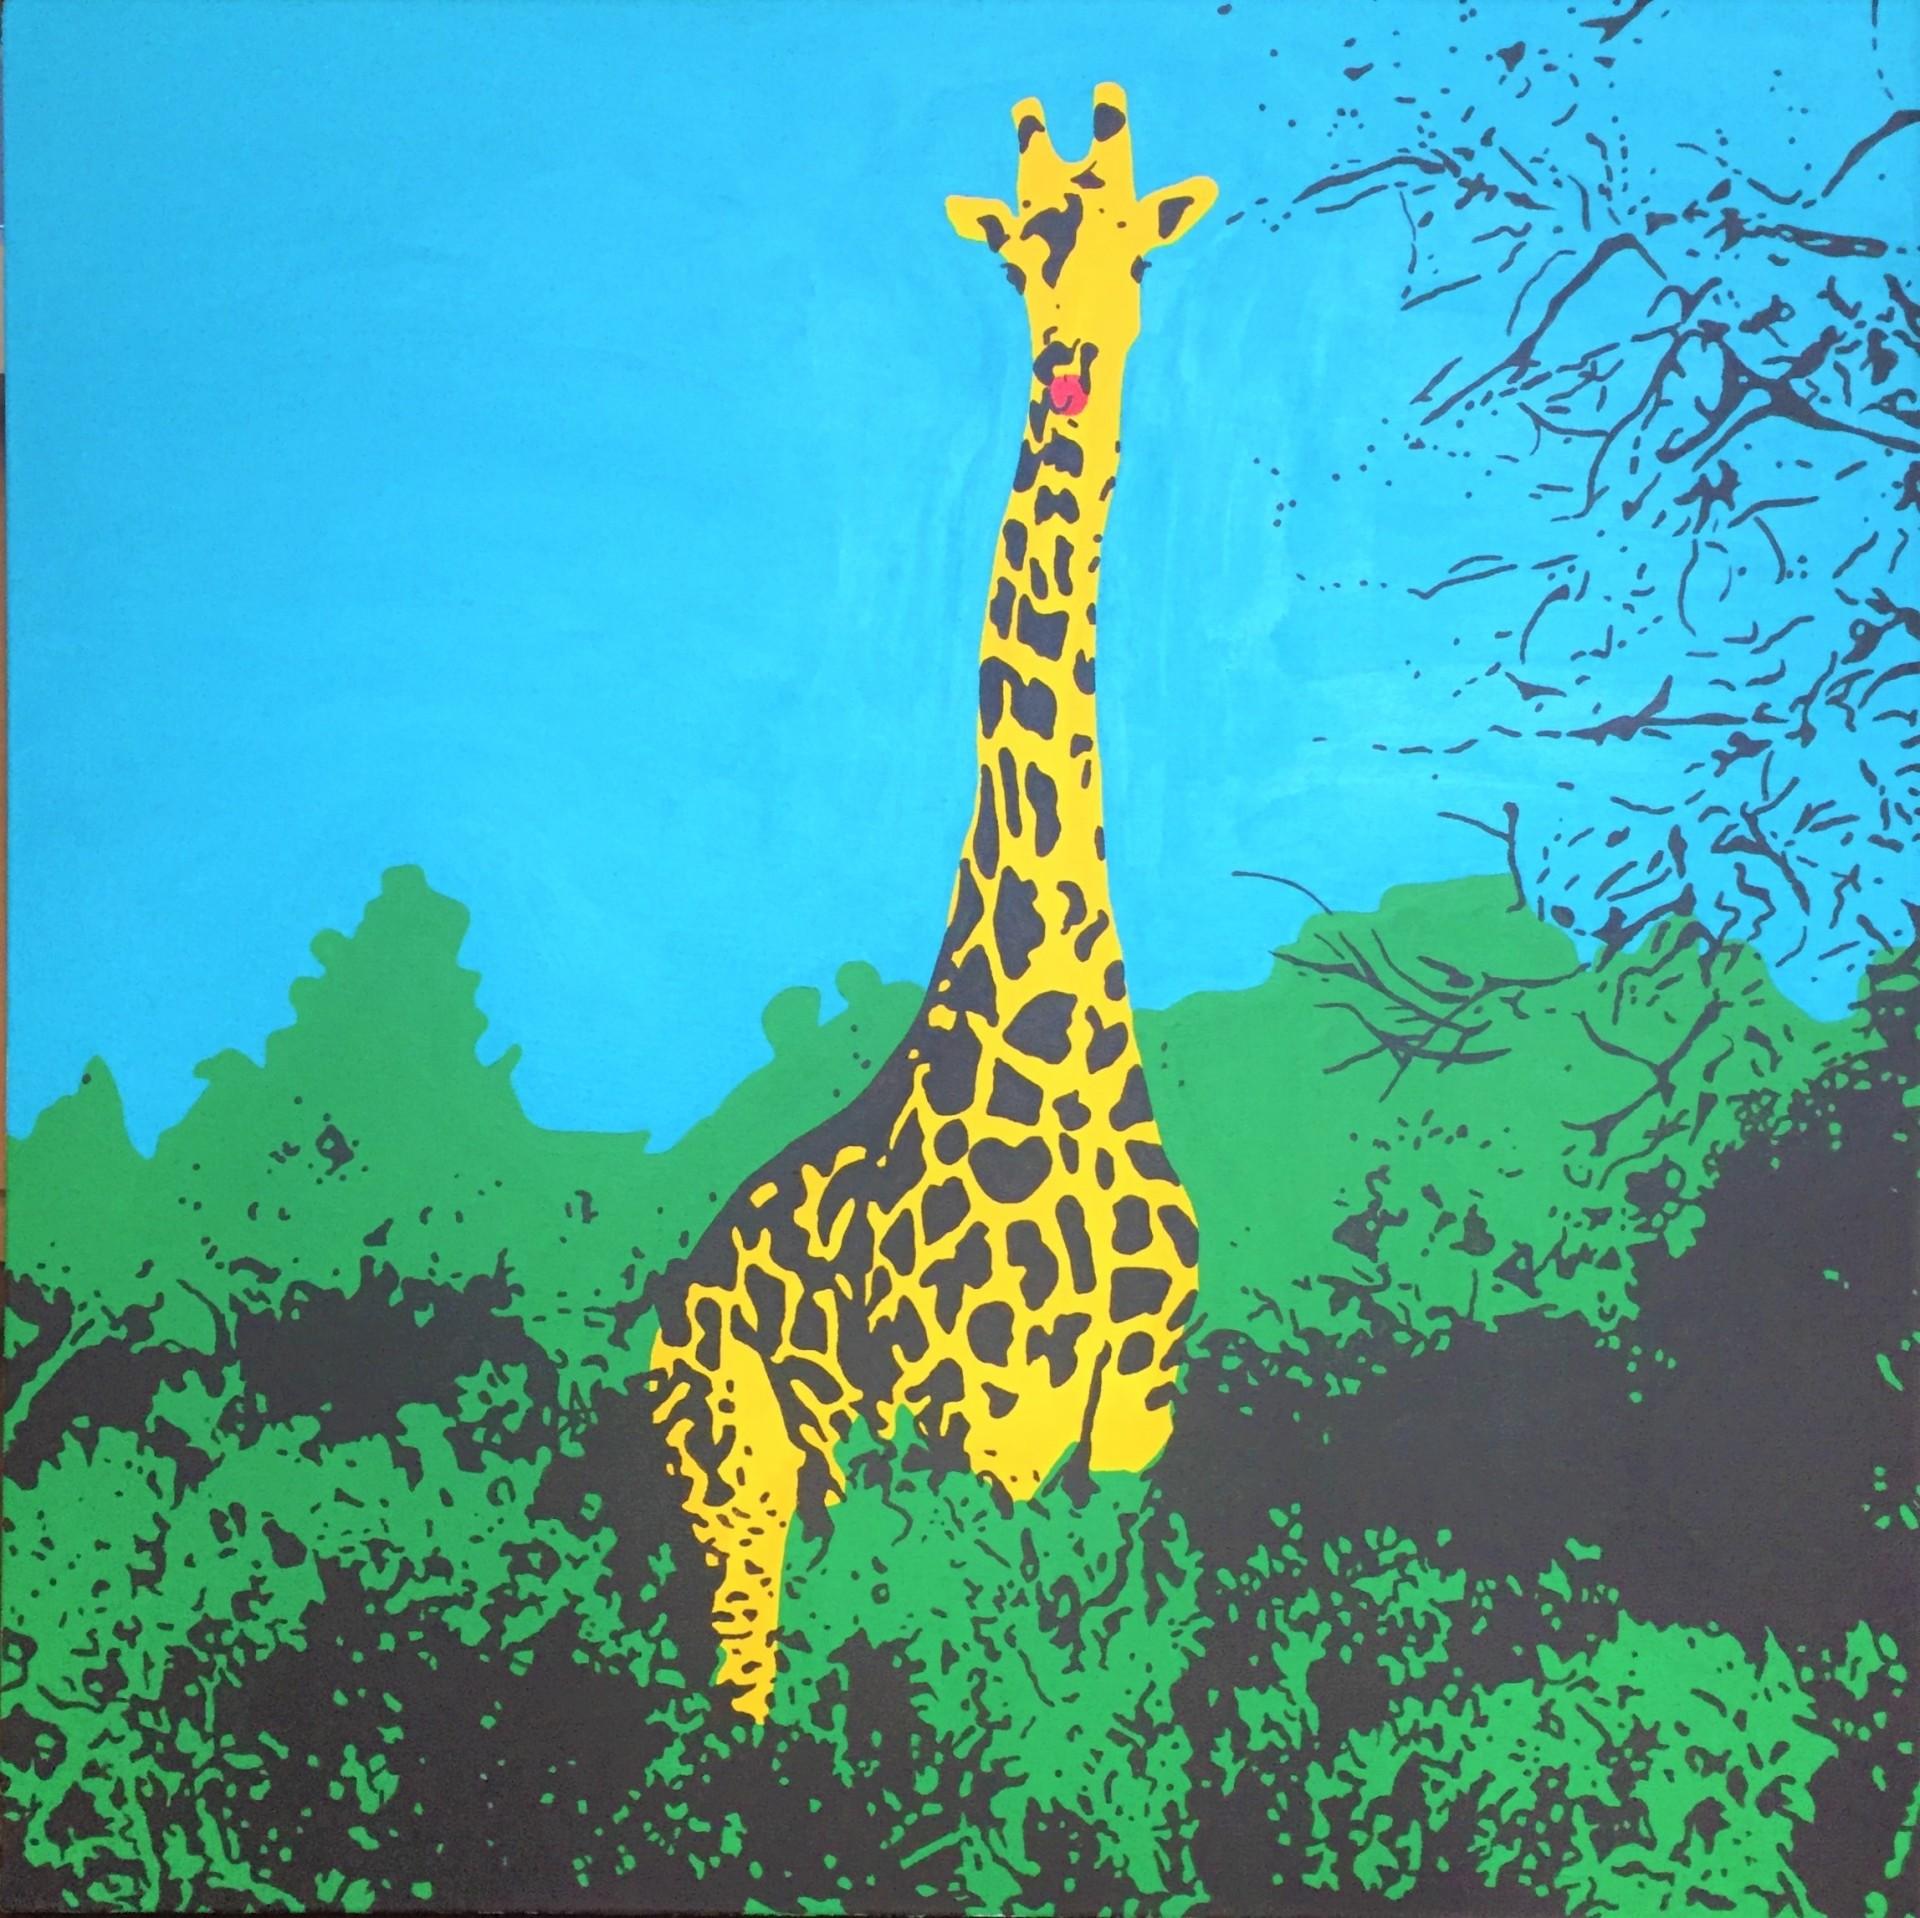 Giraffe Talking To You